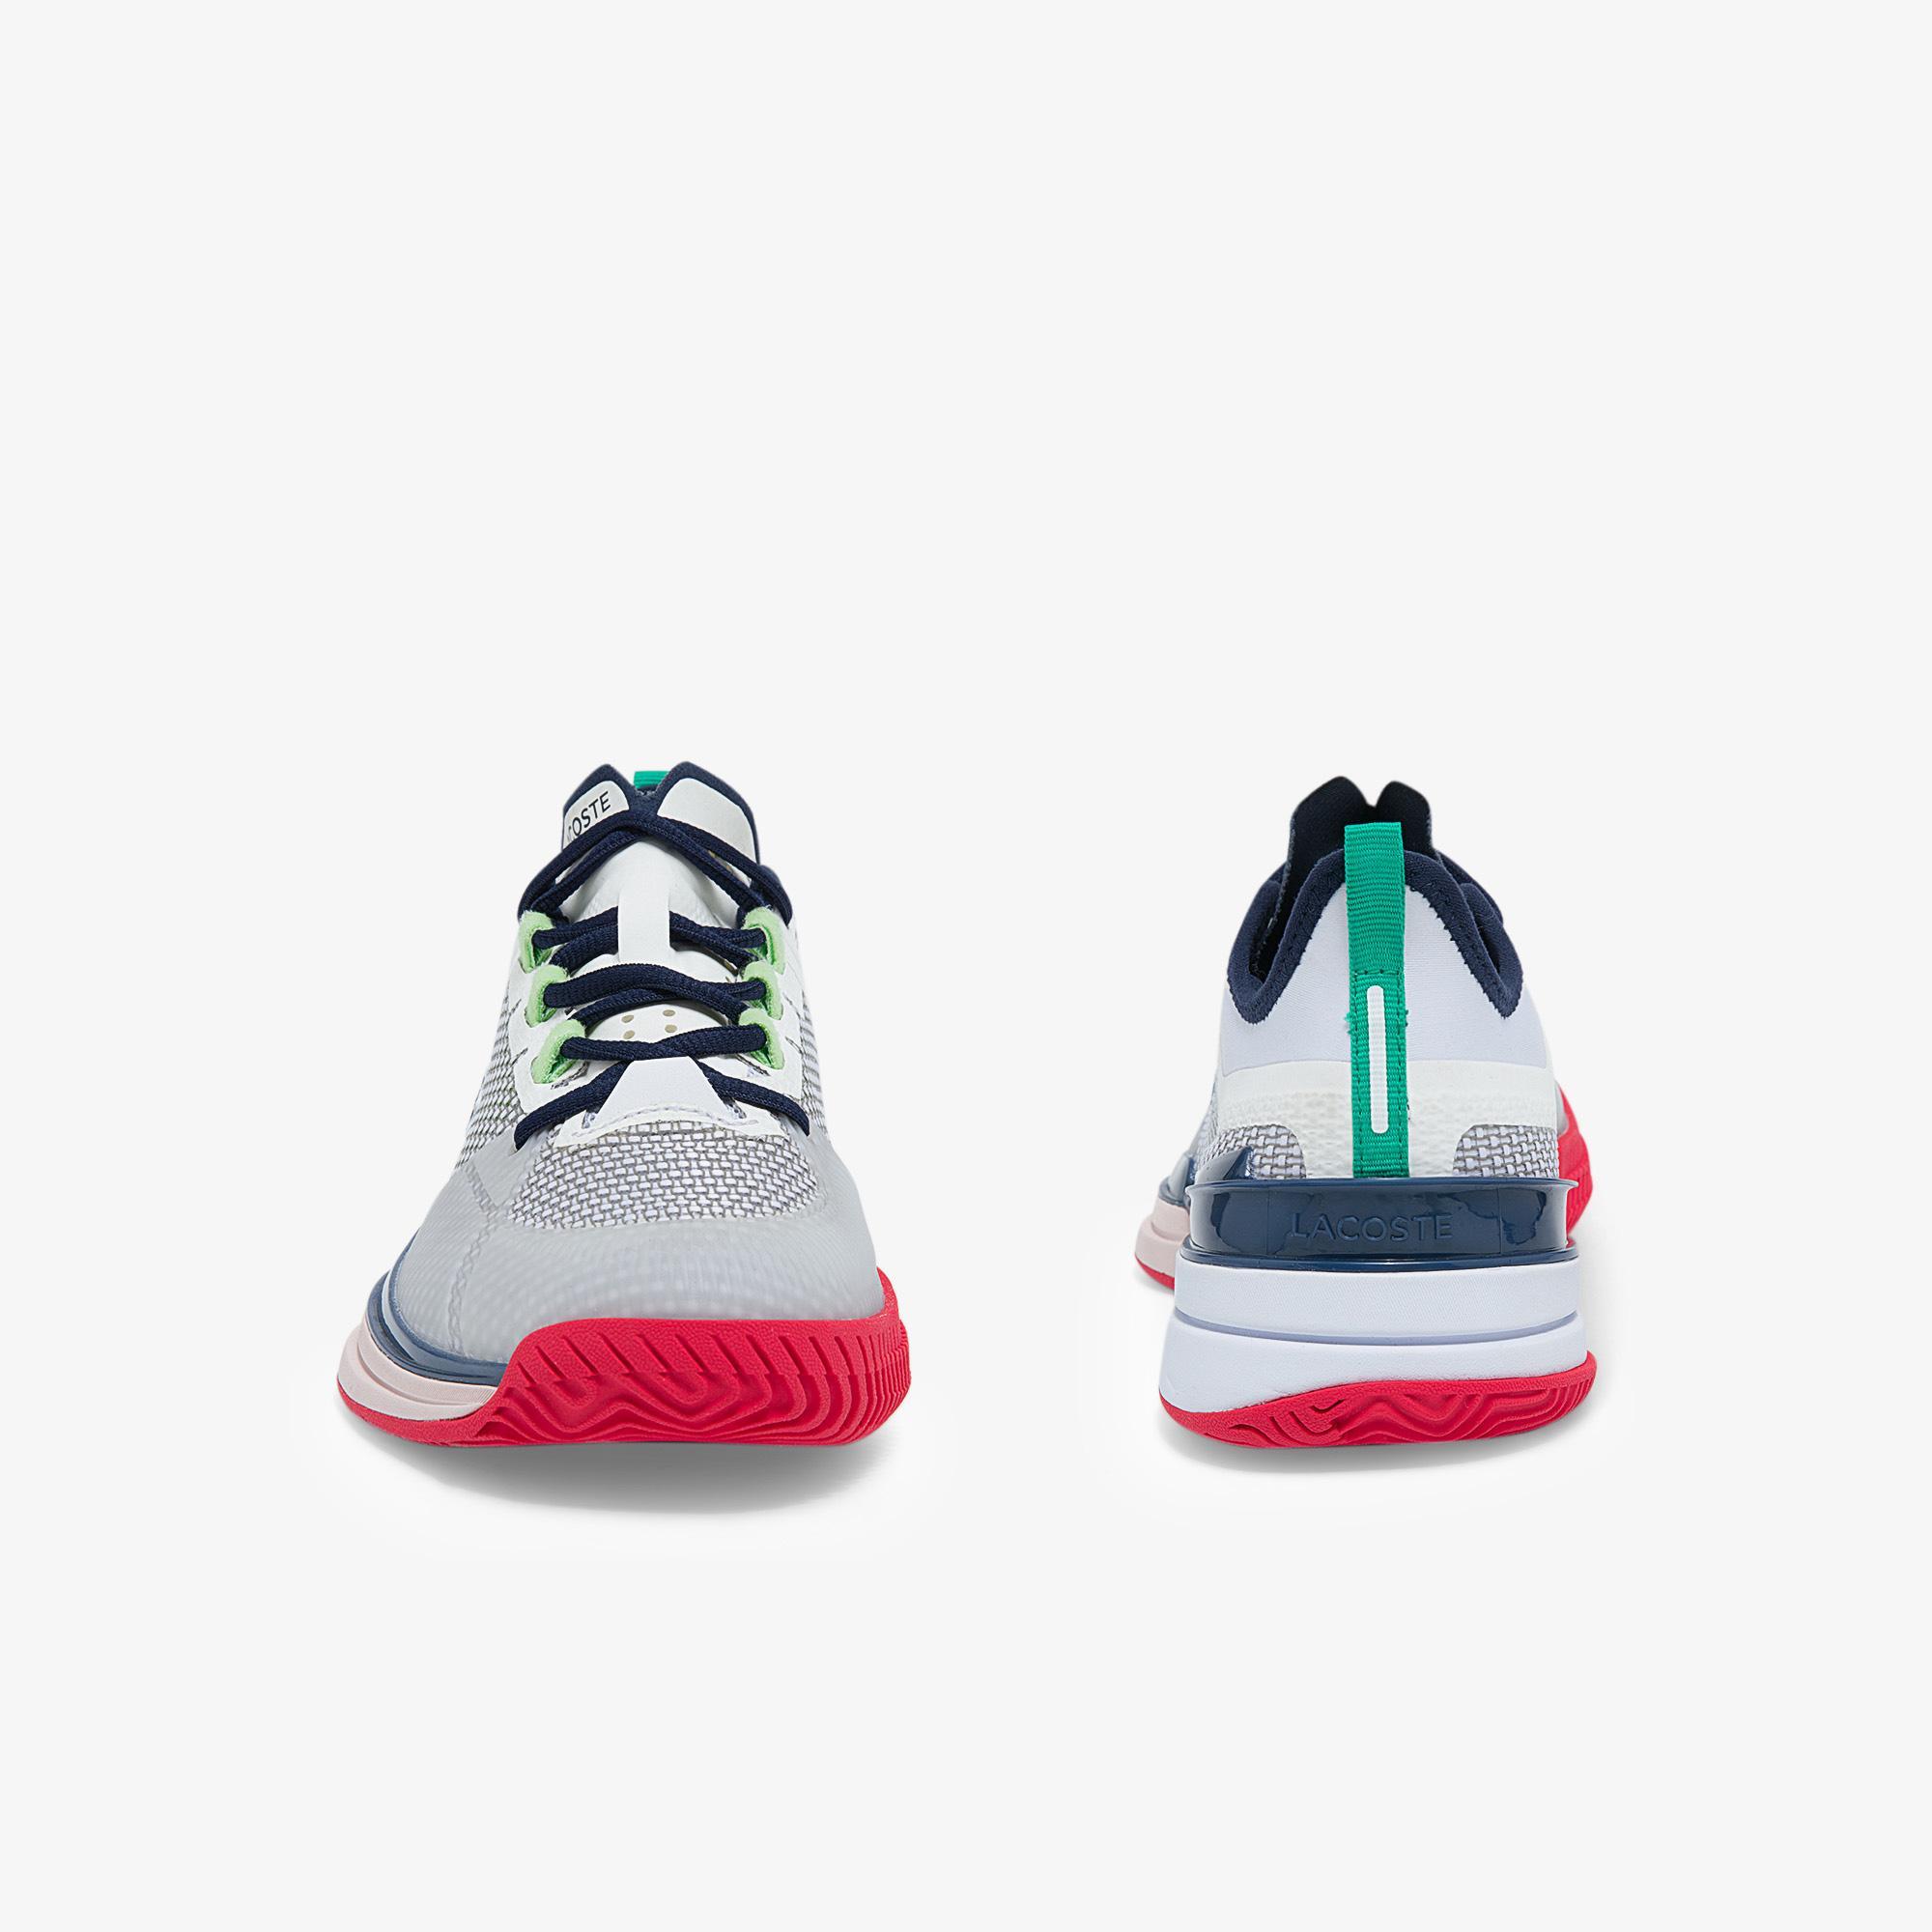 Lacoste Ag-Lt21 Ultra 0921 1 Sfa Kadın Beyaz - Mavi Sneaker